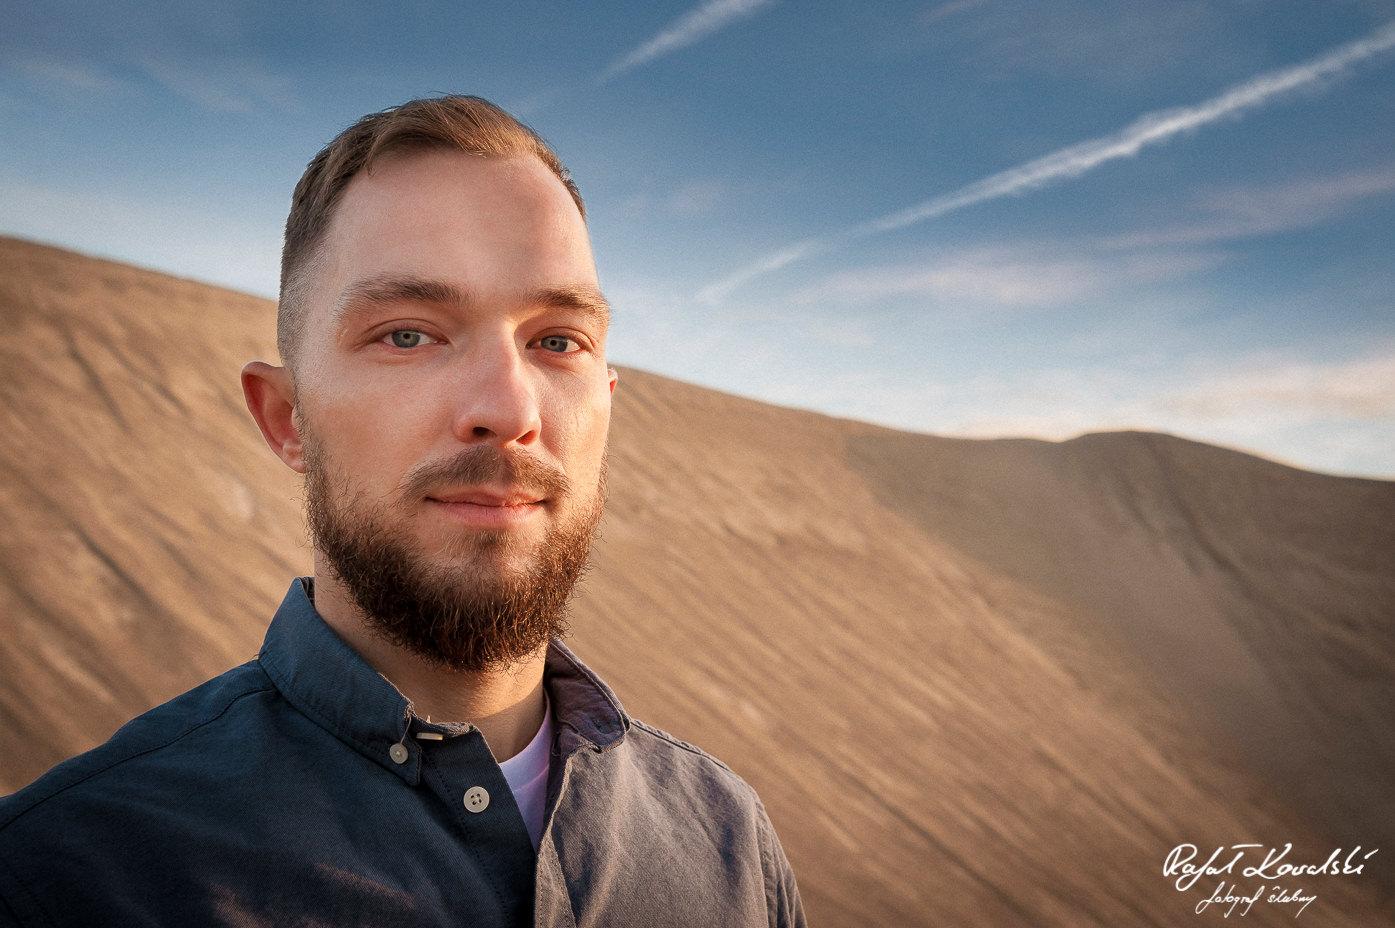 Sesja na wydmach fotograf gdańsk Rafał Kowalski